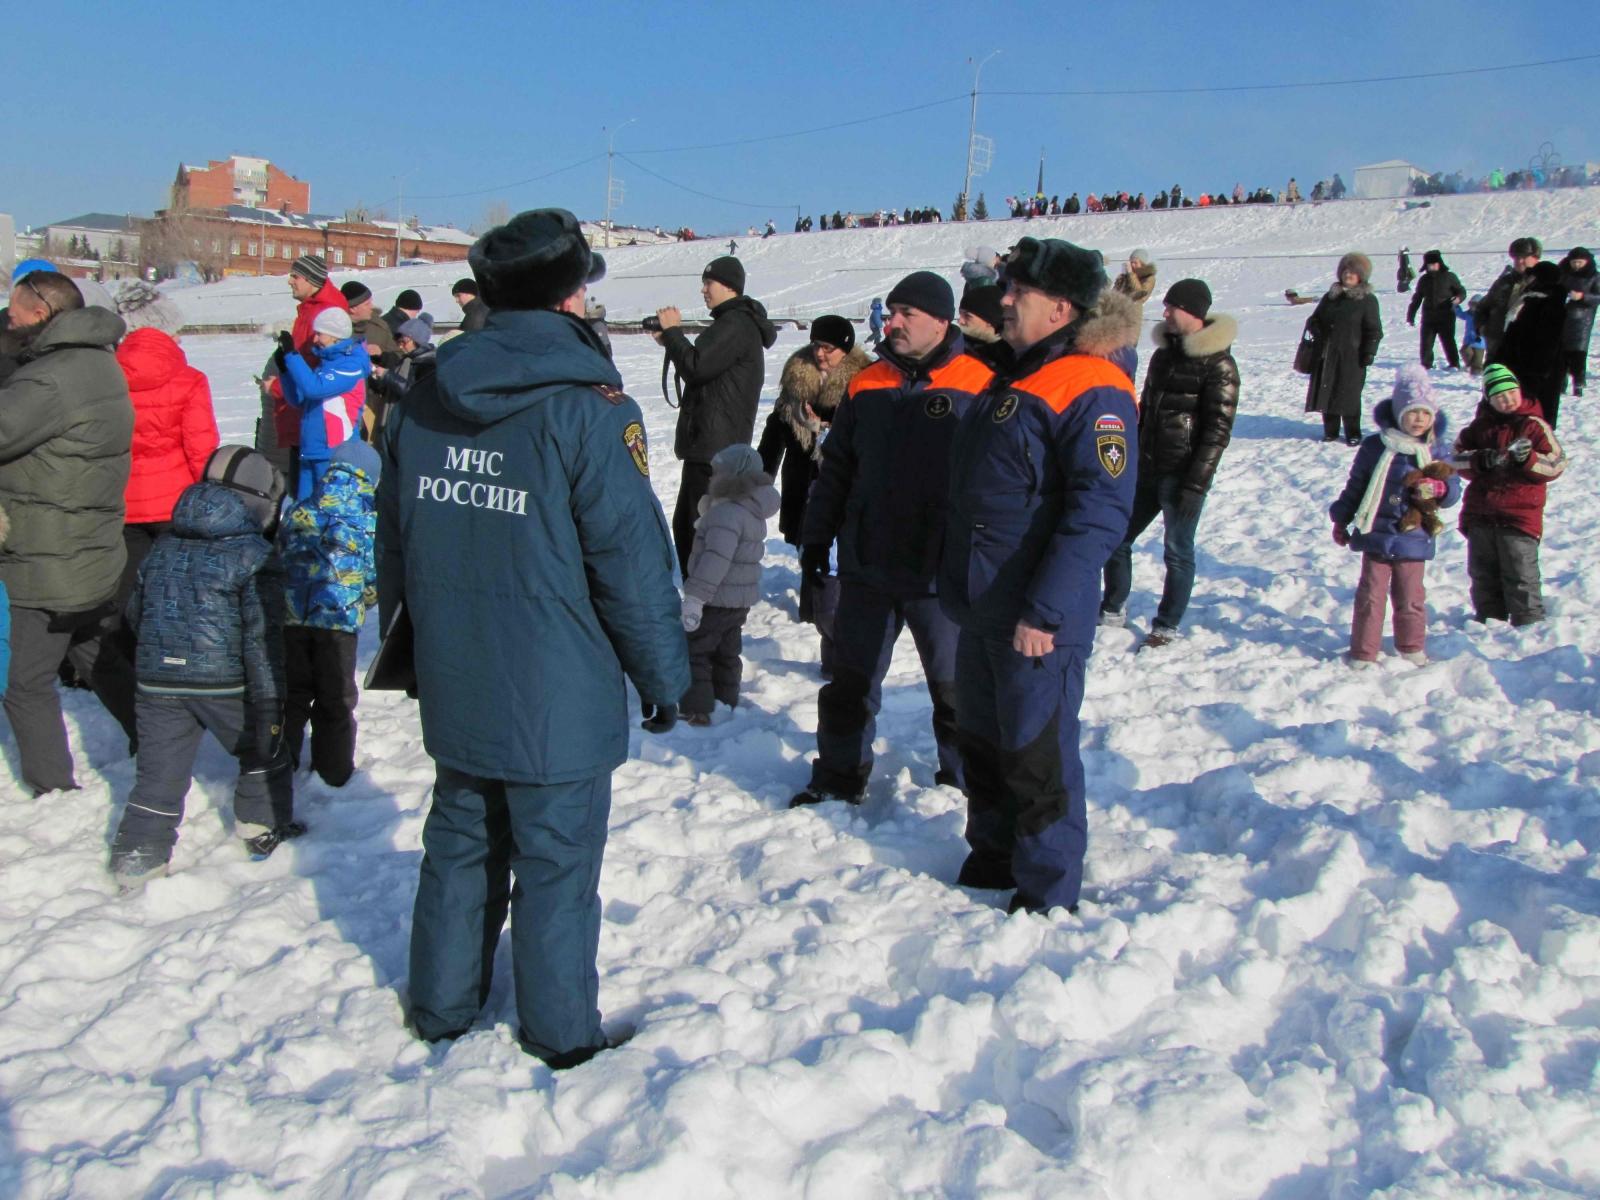 Обеспечение пожарной безопасности при праздновании Масленицы, 22 февраля 2015 года